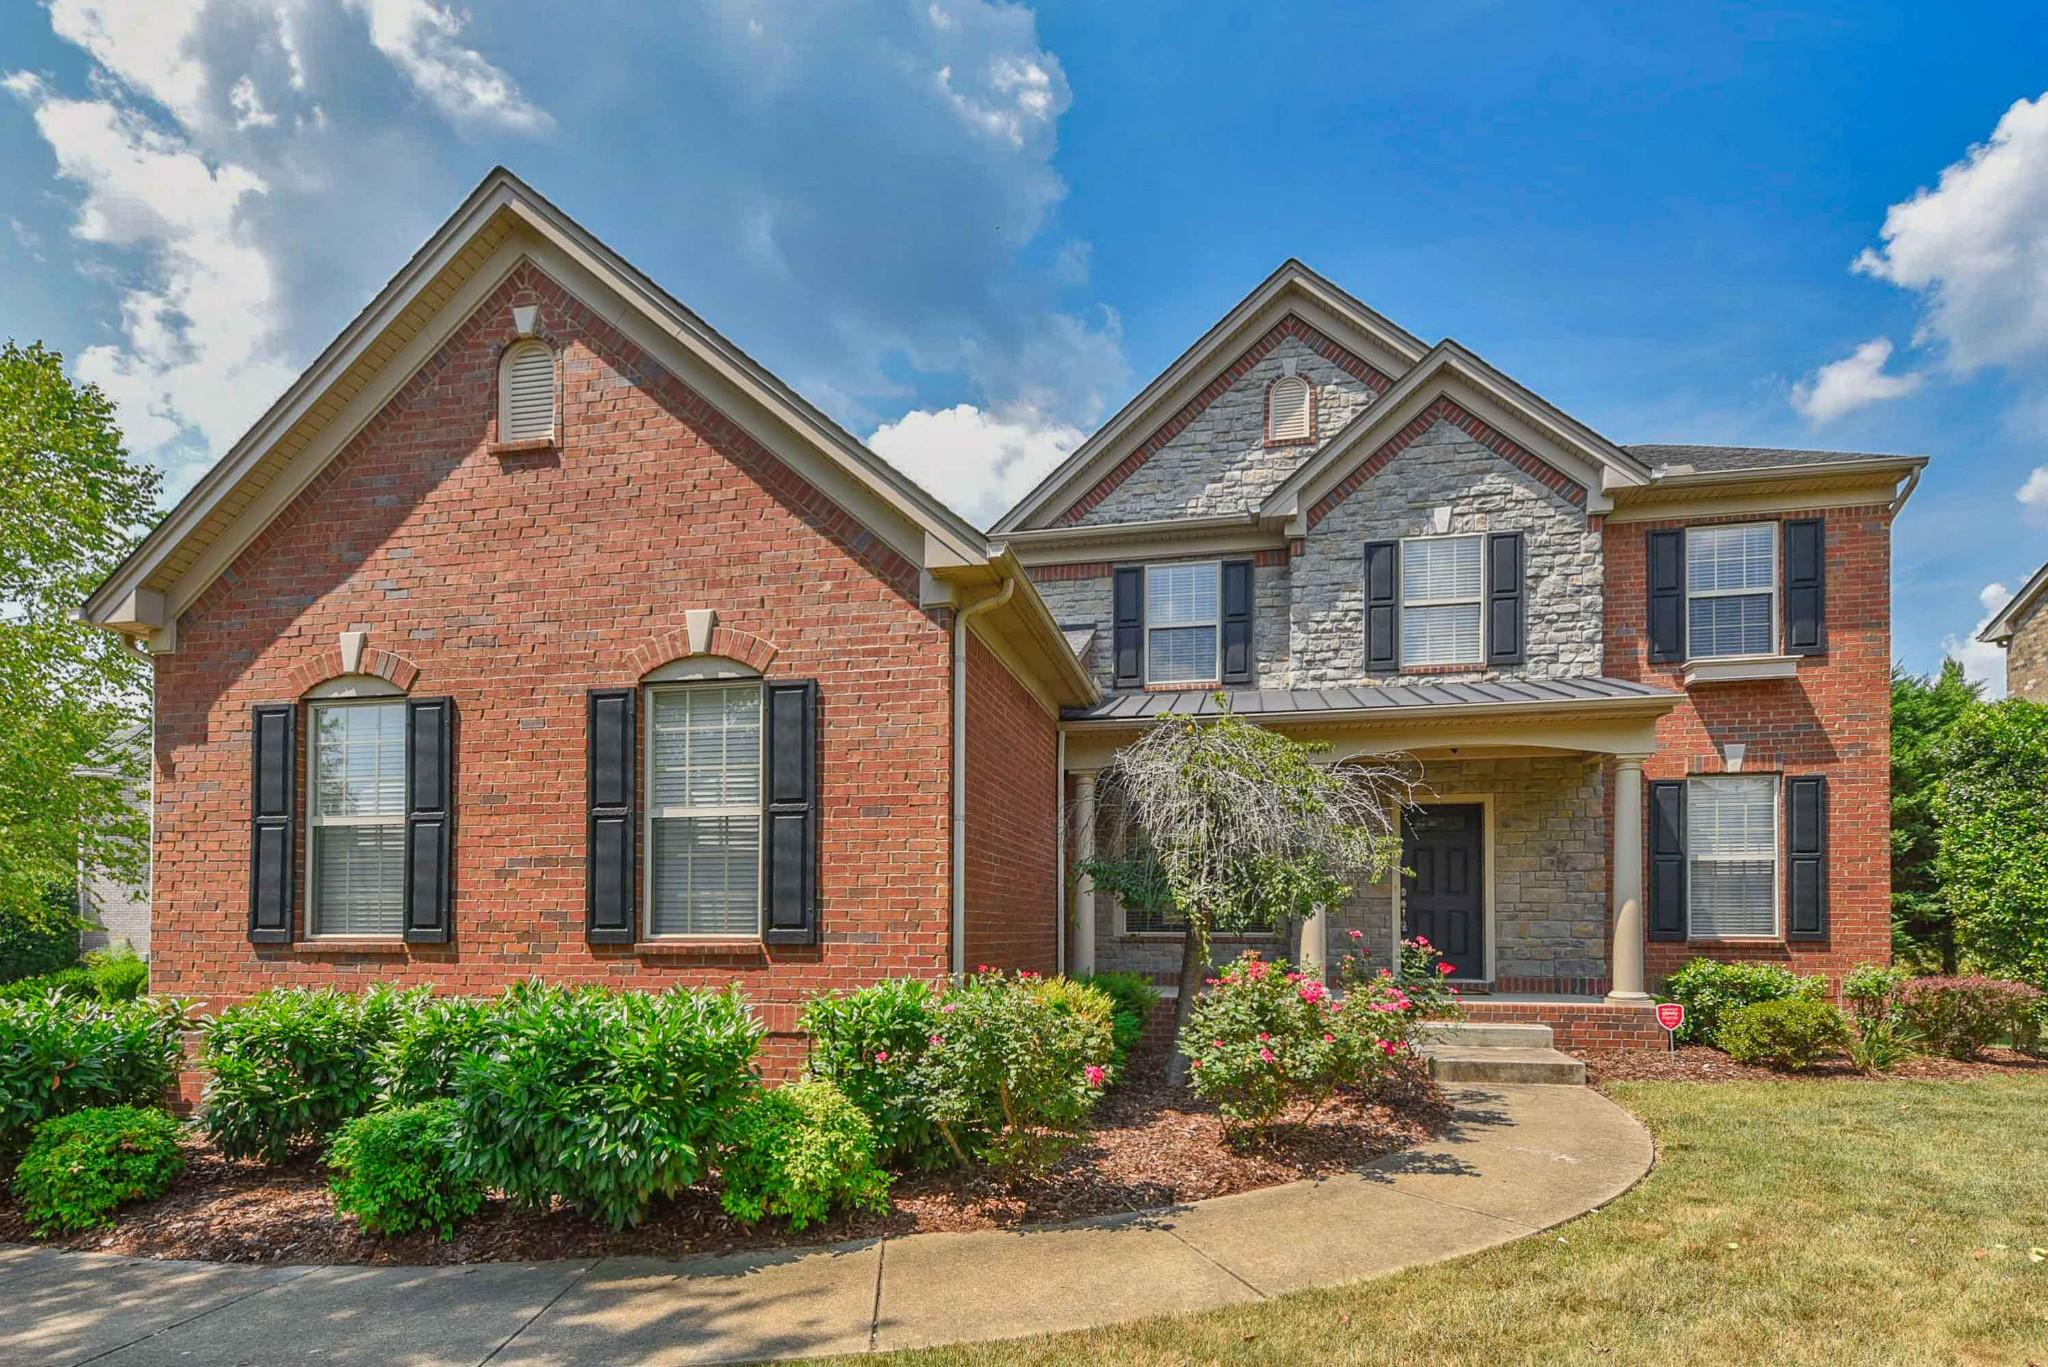 Autumn Creek Sec 1 Real Estate Listings Main Image